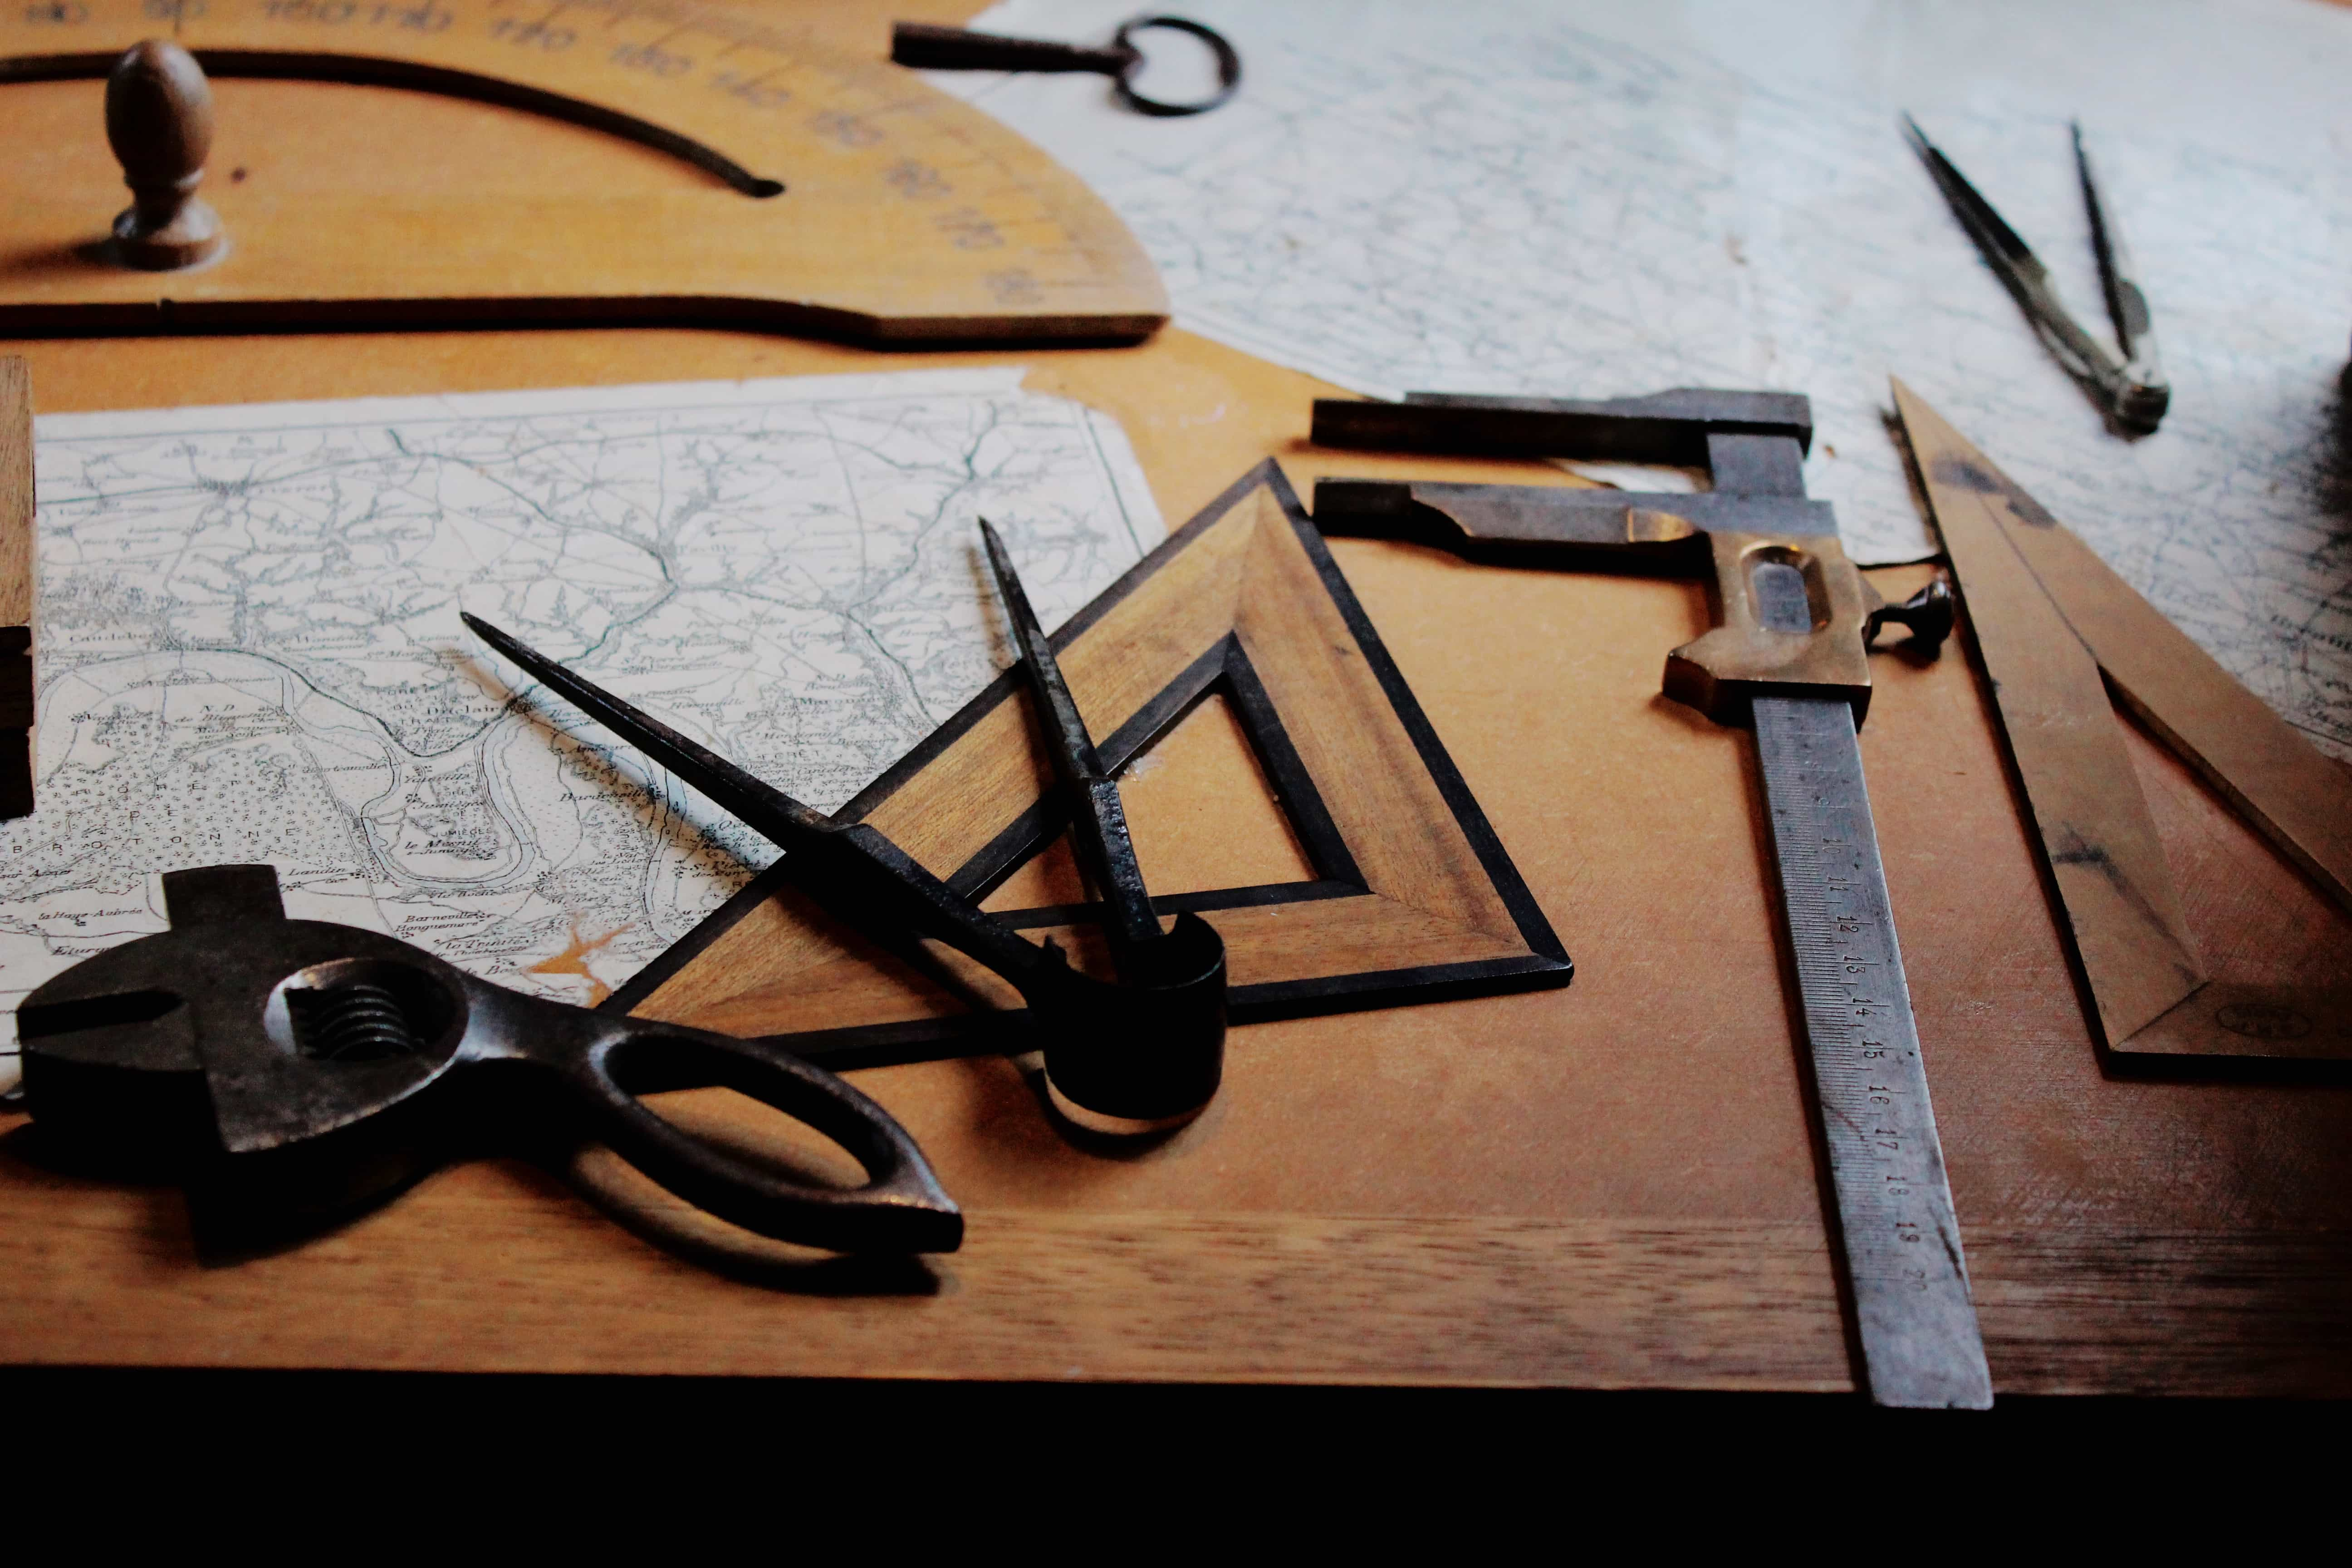 Imagem mostra uma série de ferramentas de medição sobre uma mesa de madeira. Entre elas, três esquadros, de tipos diferentes.